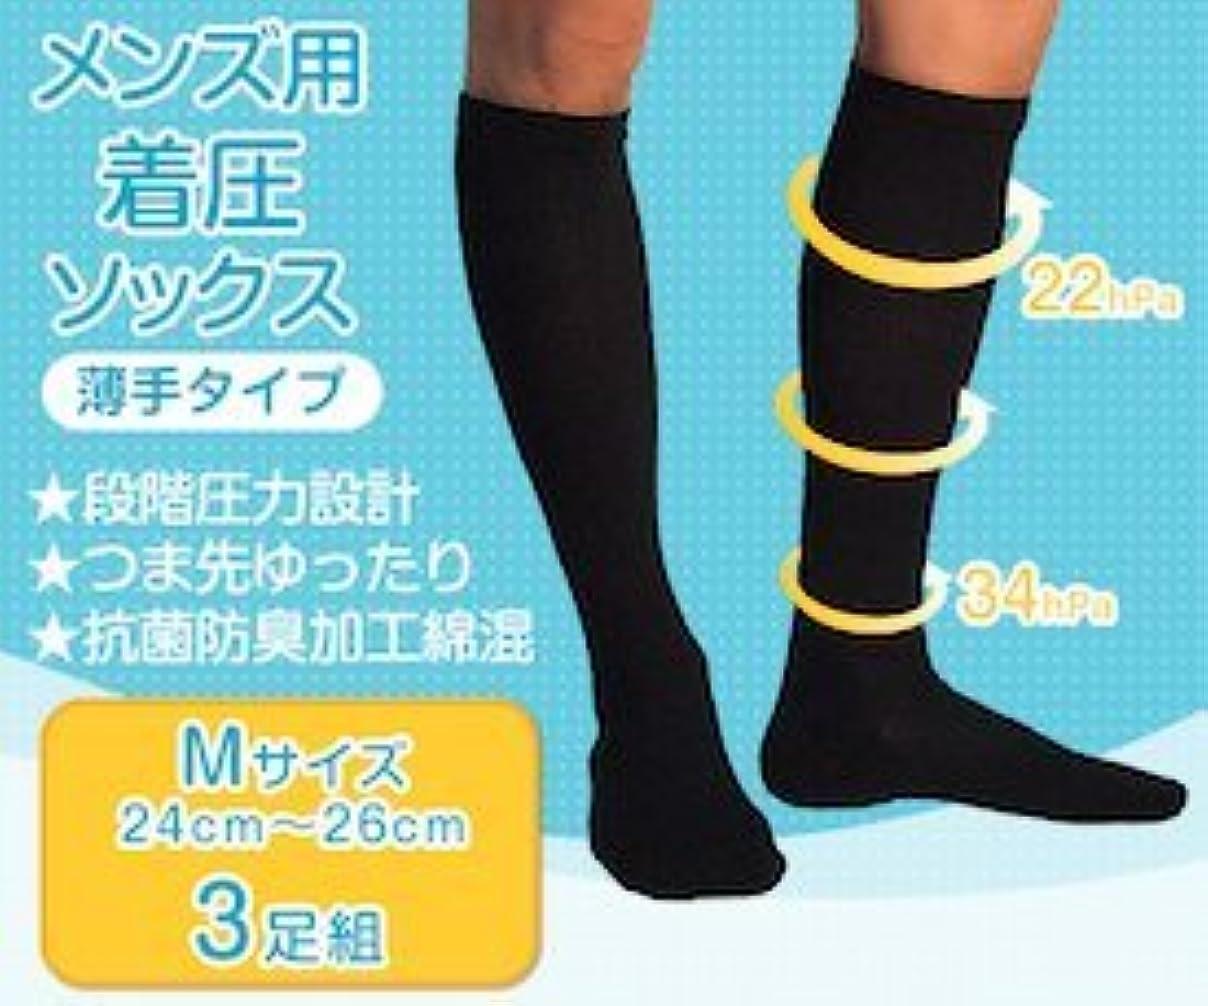 男性用 綿 着圧ソックス 黒 24-26cm 3足組 足の疲れ むくみ 太陽ニット M0013PM